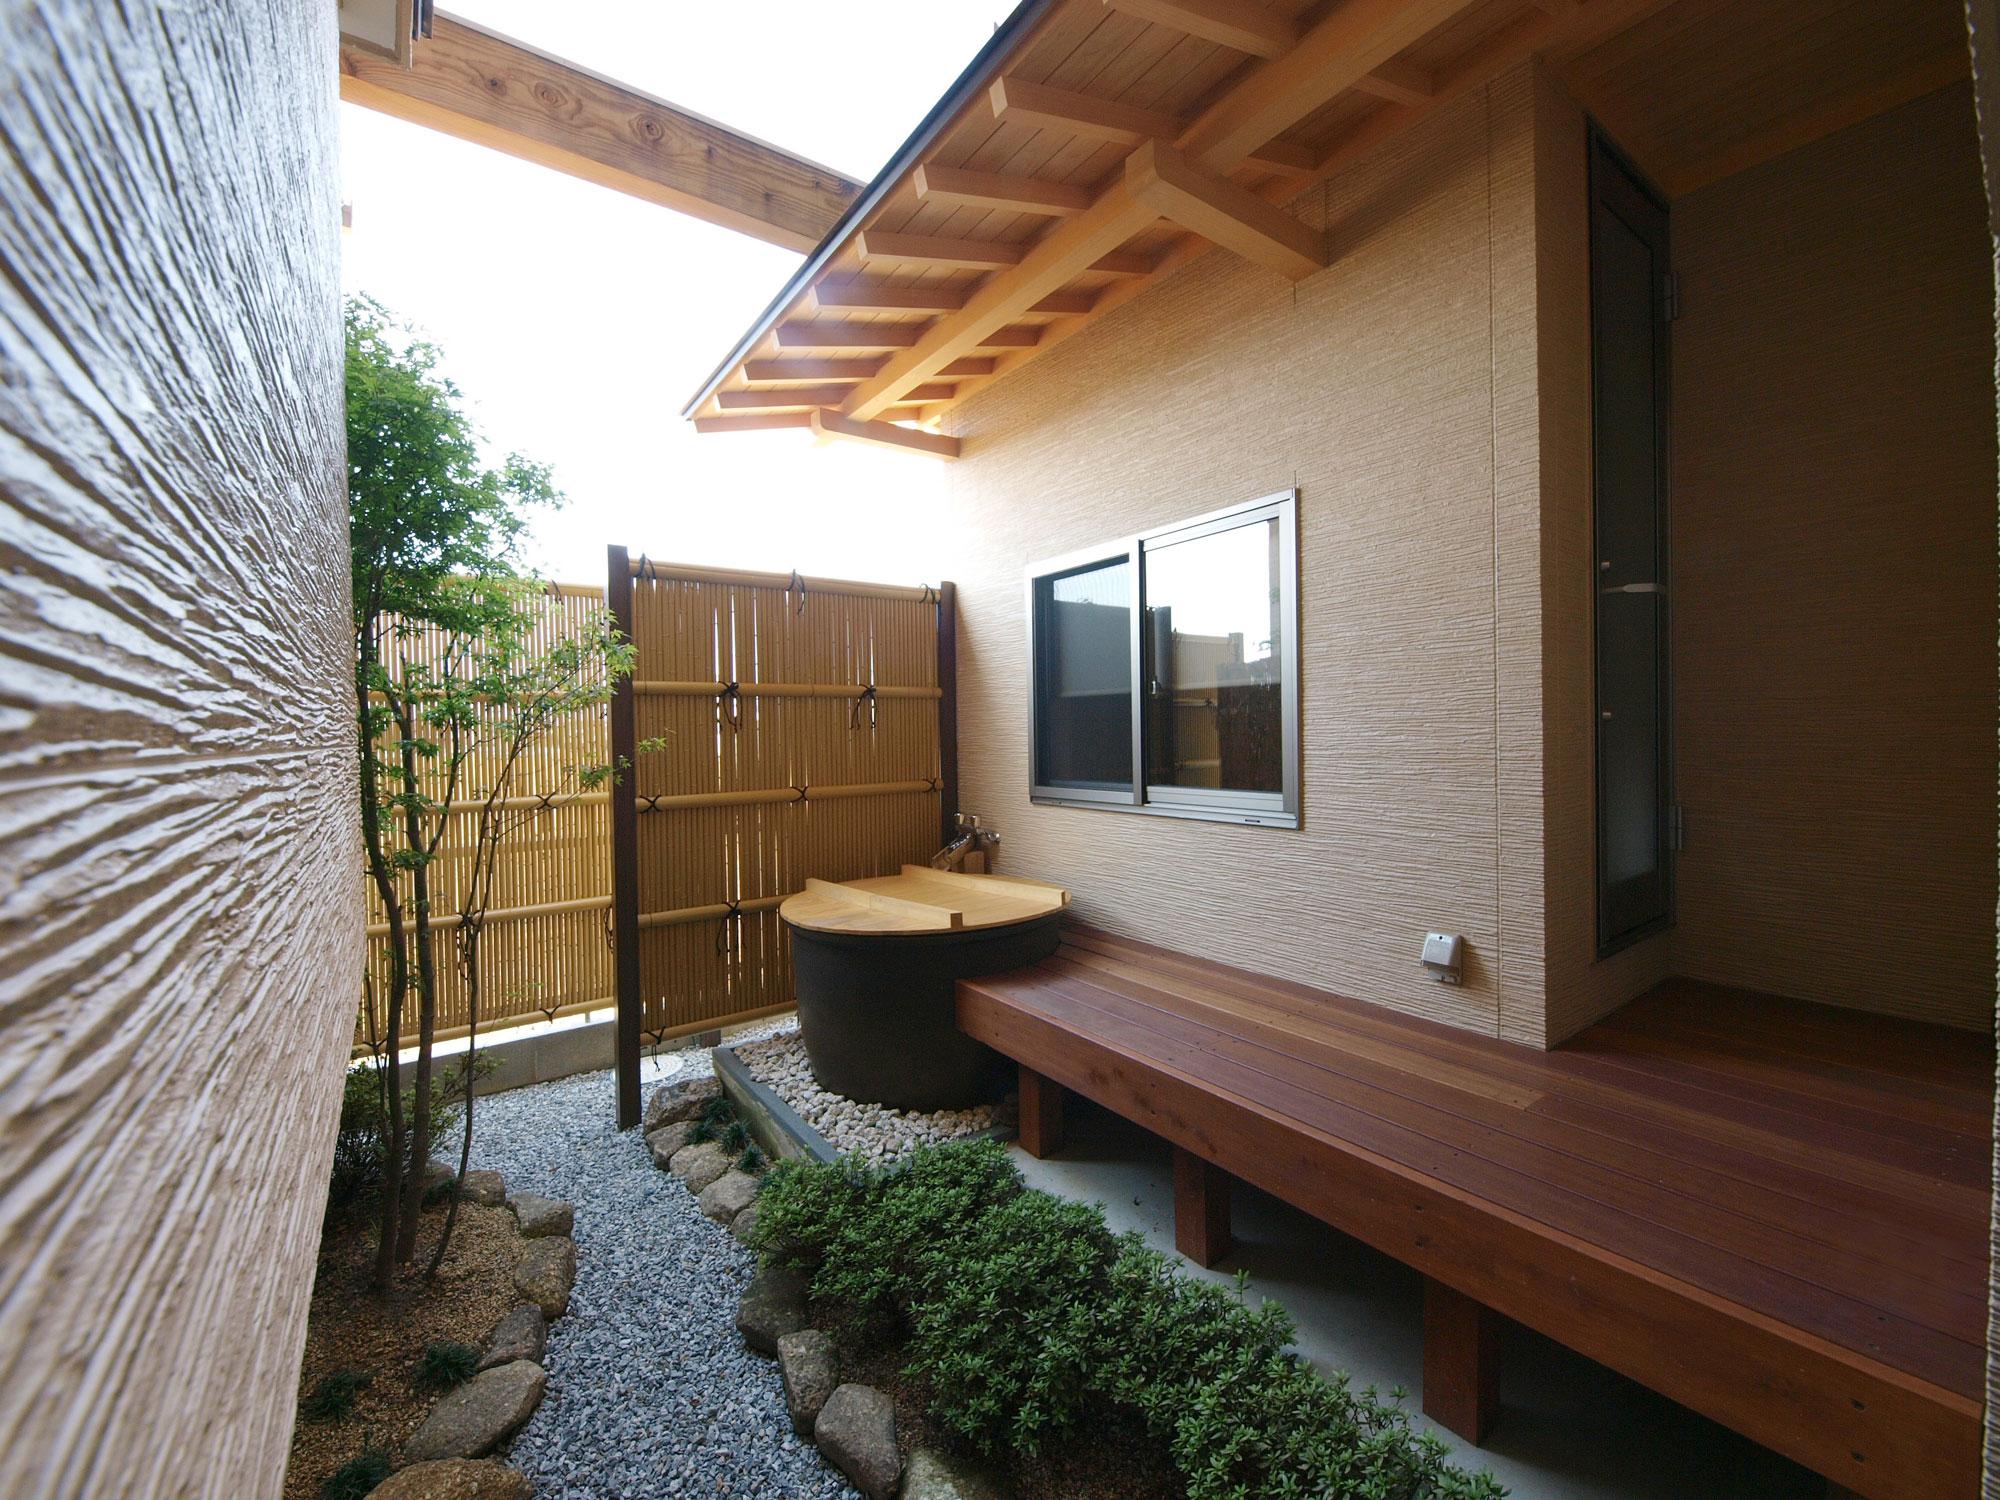 岩田建築【デザイン住宅、趣味、高級住宅】温泉旅行好きなご夫婦の夢である露天風呂を設置